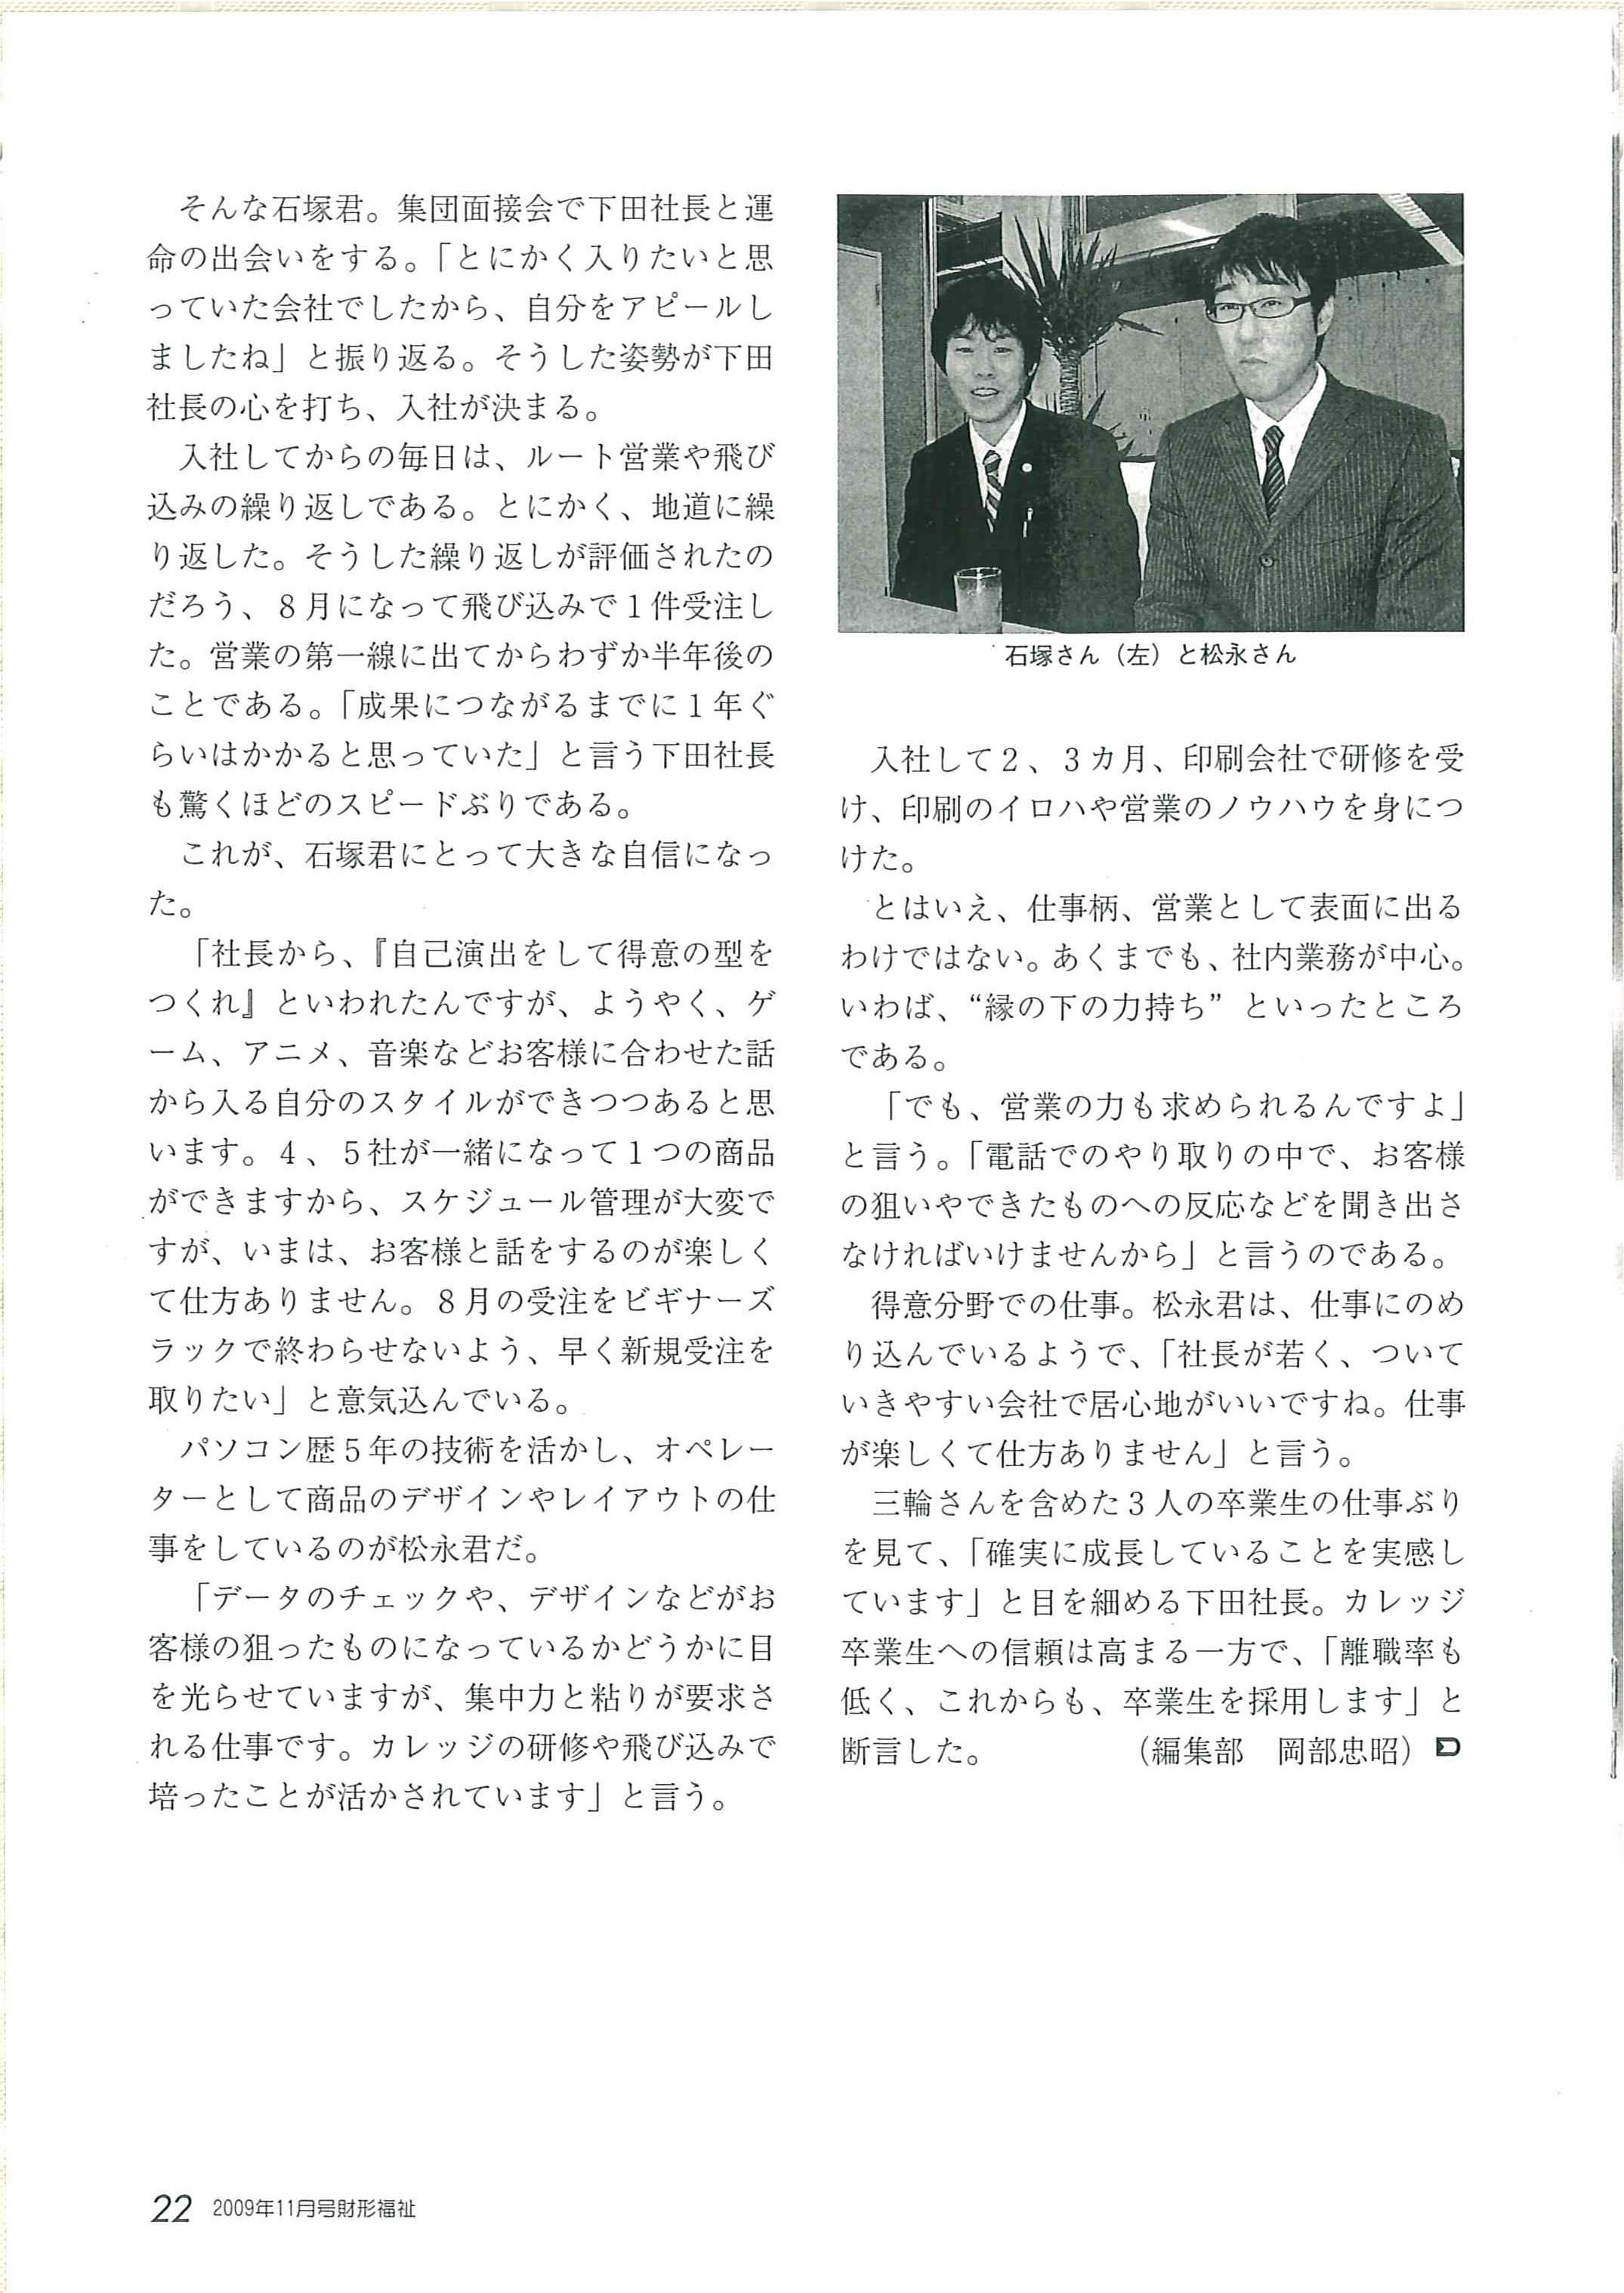 財形福祉 2009年11月号3ページ